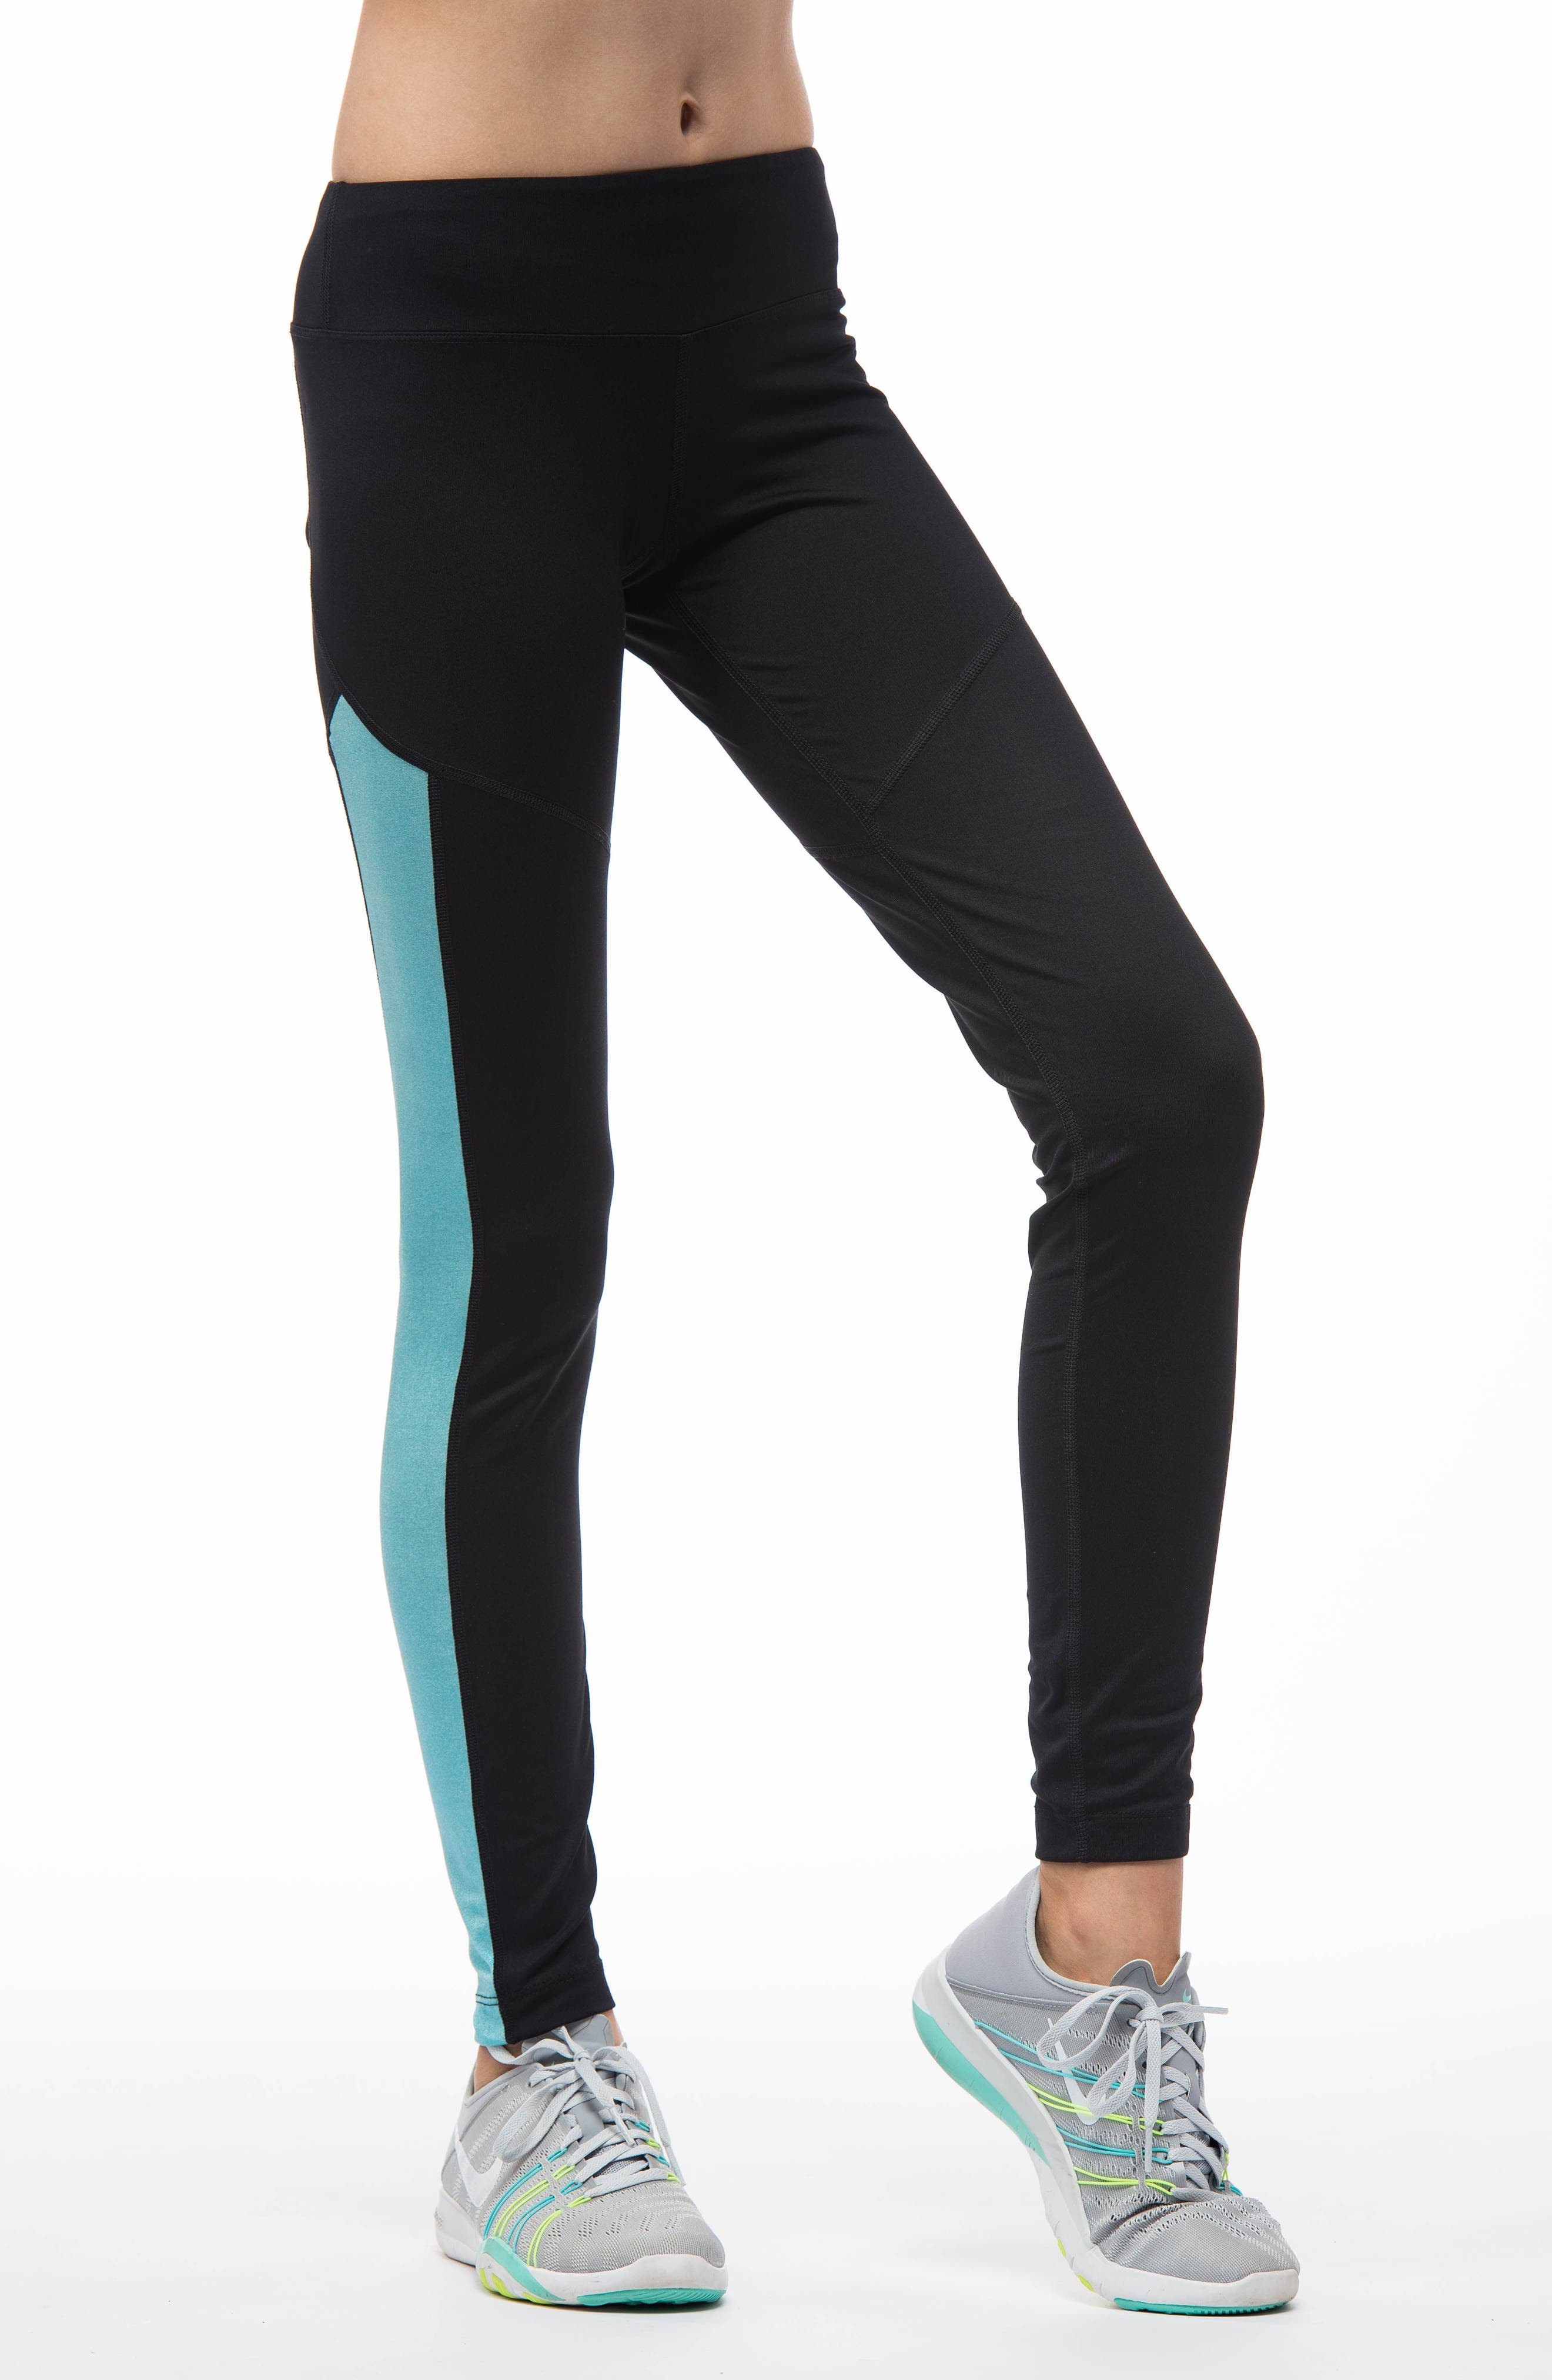 MIRA RAE,                             Zara Colorblock Leggings,                             Alternate thumbnail 4, color,                             001